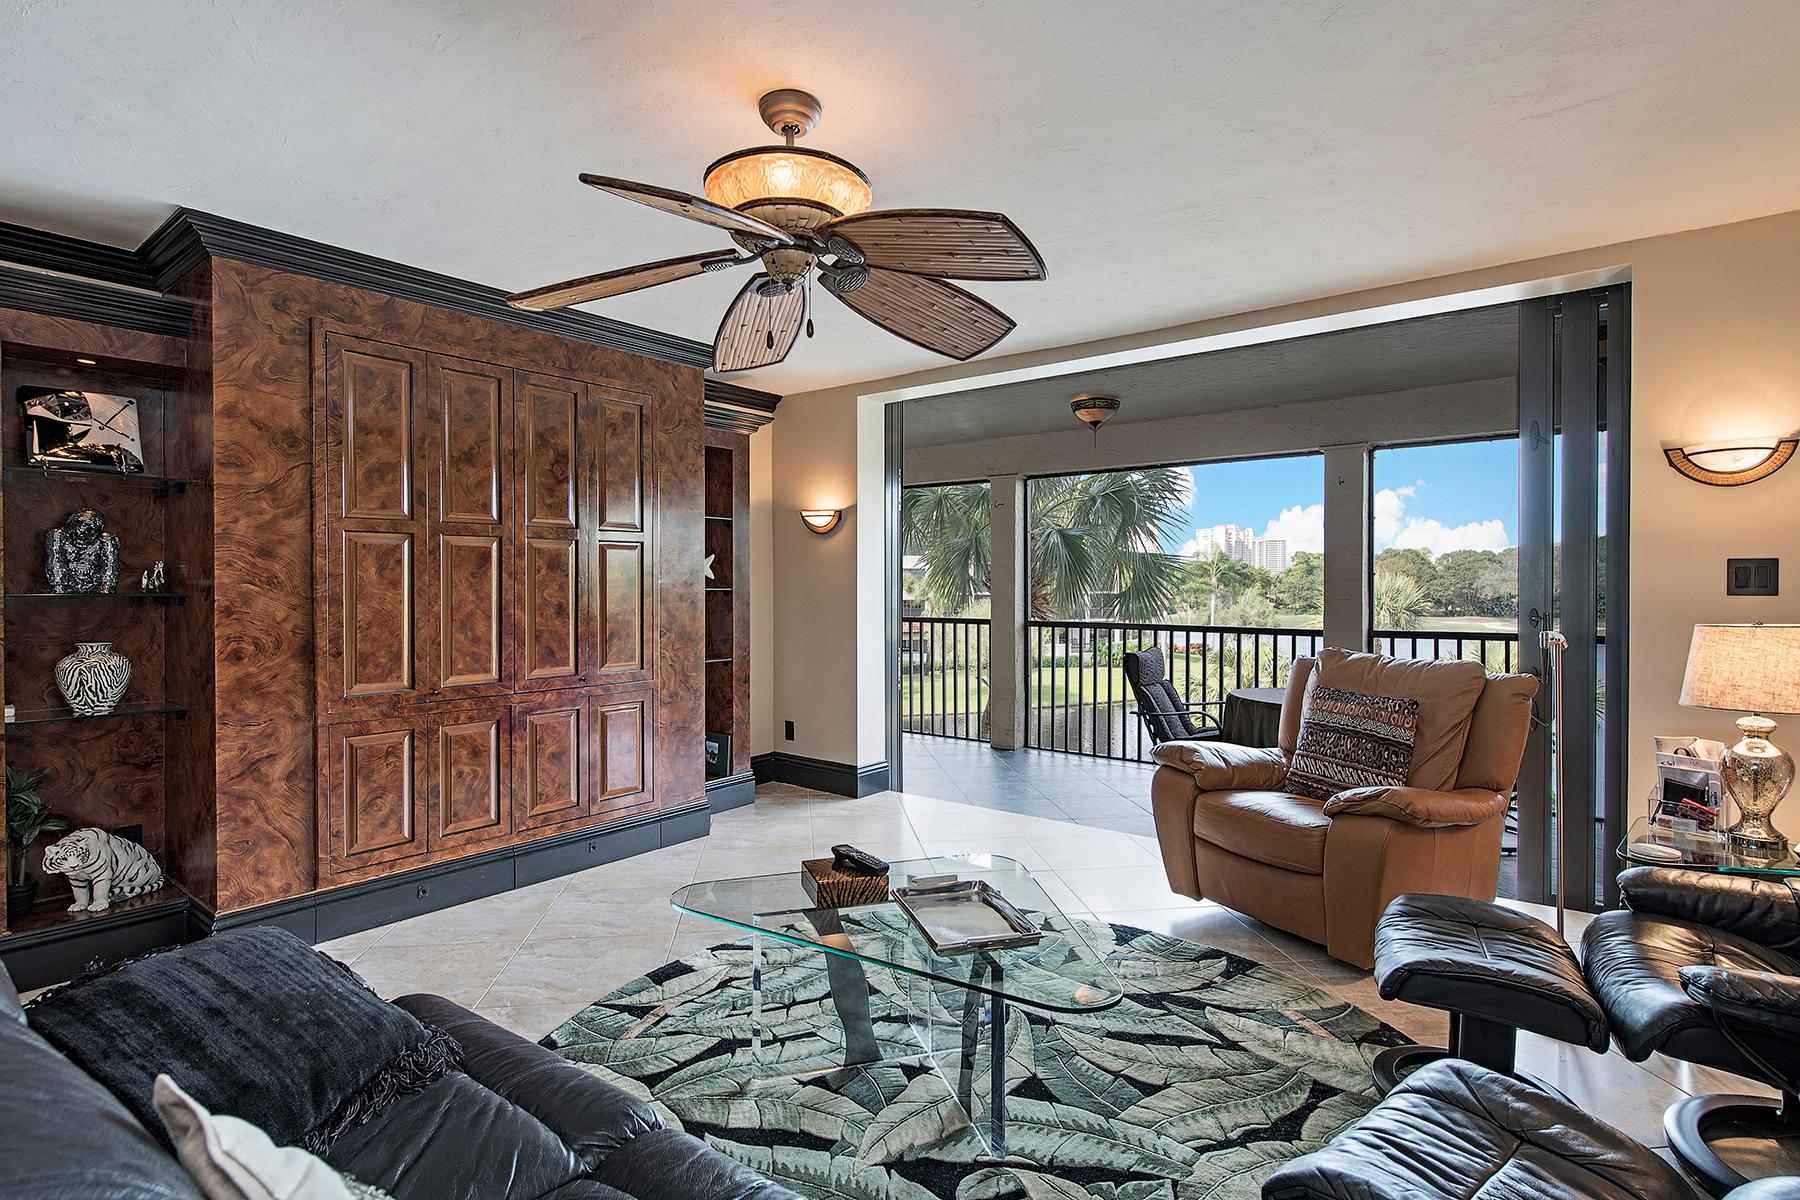 Condominium for Sale at PELICAN BAY - CHATEAUMERE 6020 Pelican Bay Blvd E-203, Naples, Florida 34108 United States